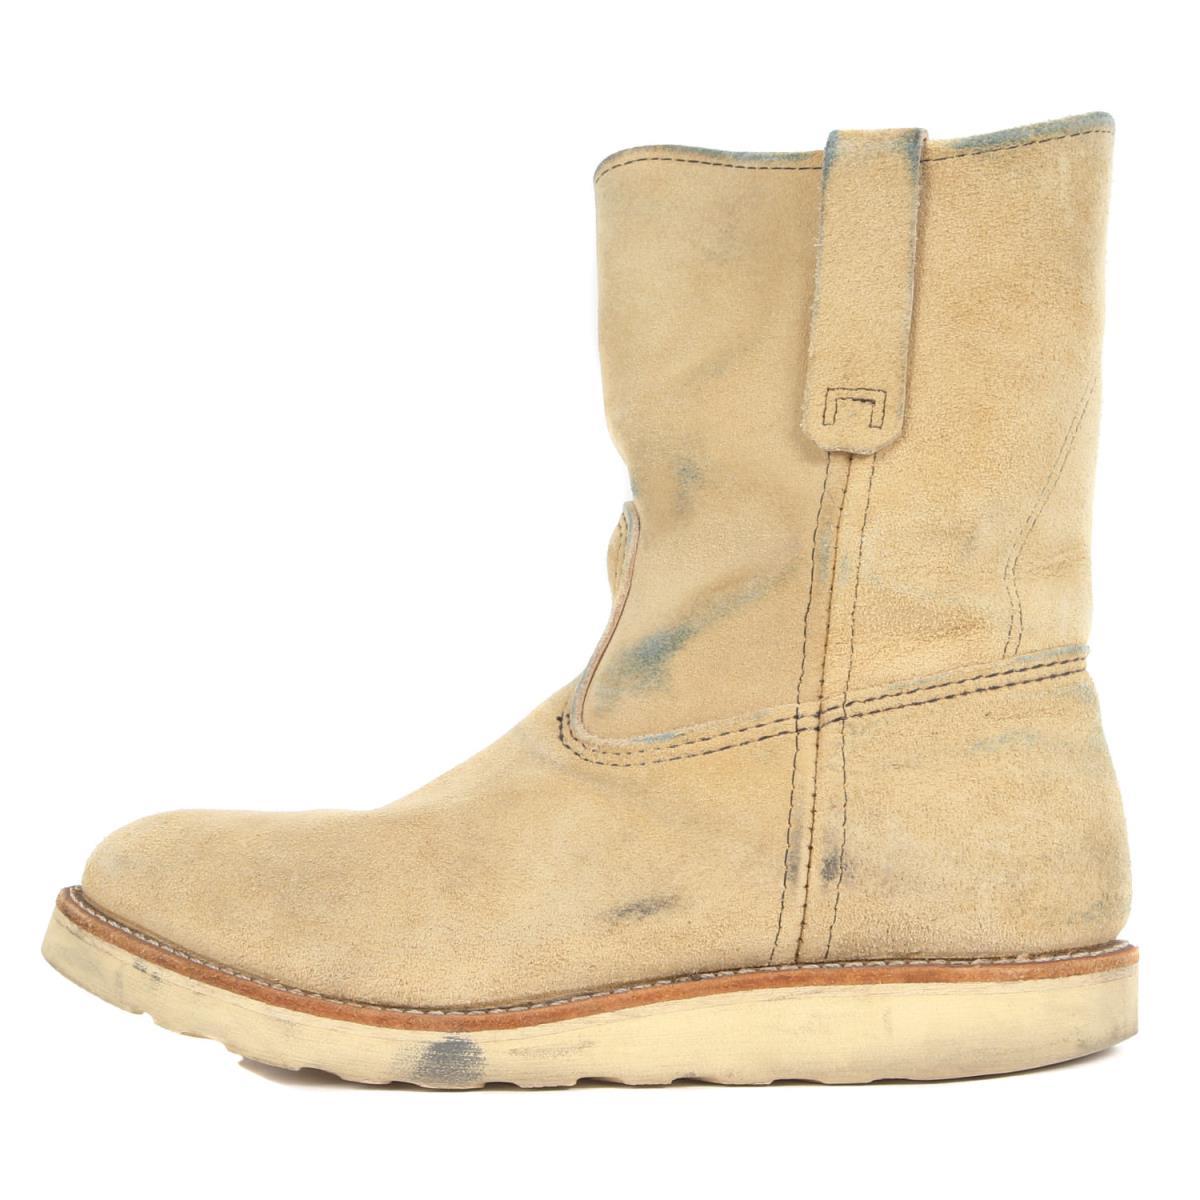 Red Wing レッド ウィング 07' 8168 スウェードペコスブーツ Pecos Boots ホーソーンアビレーンラフアウト US8 E(26cm) 【メンズ】【中古】【K2486】